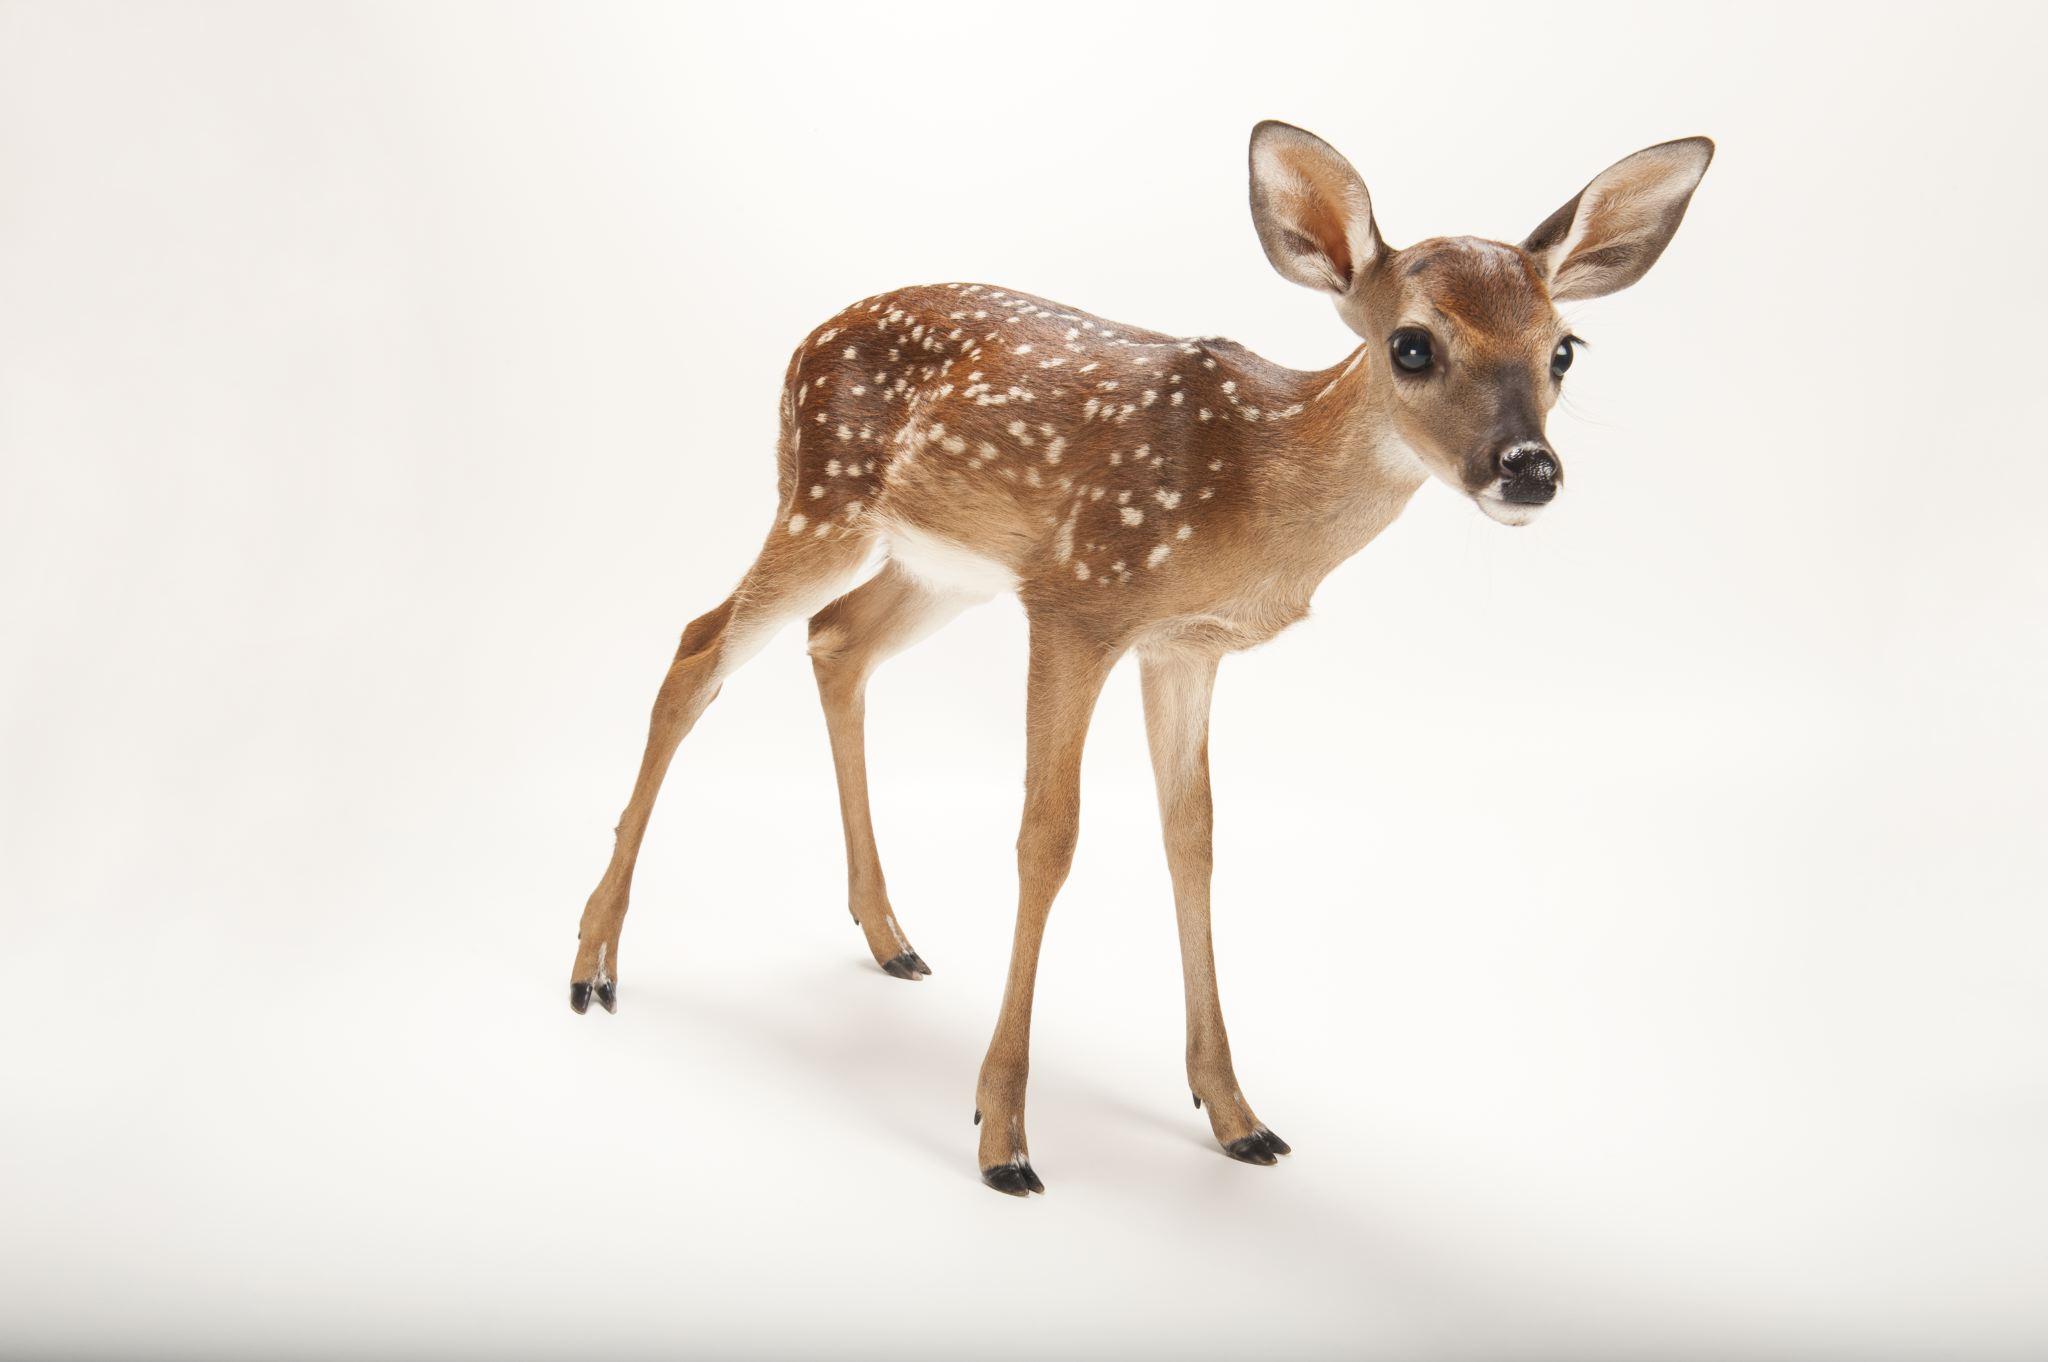 High Resolution Wallpaper | Deer 2048x1362 px